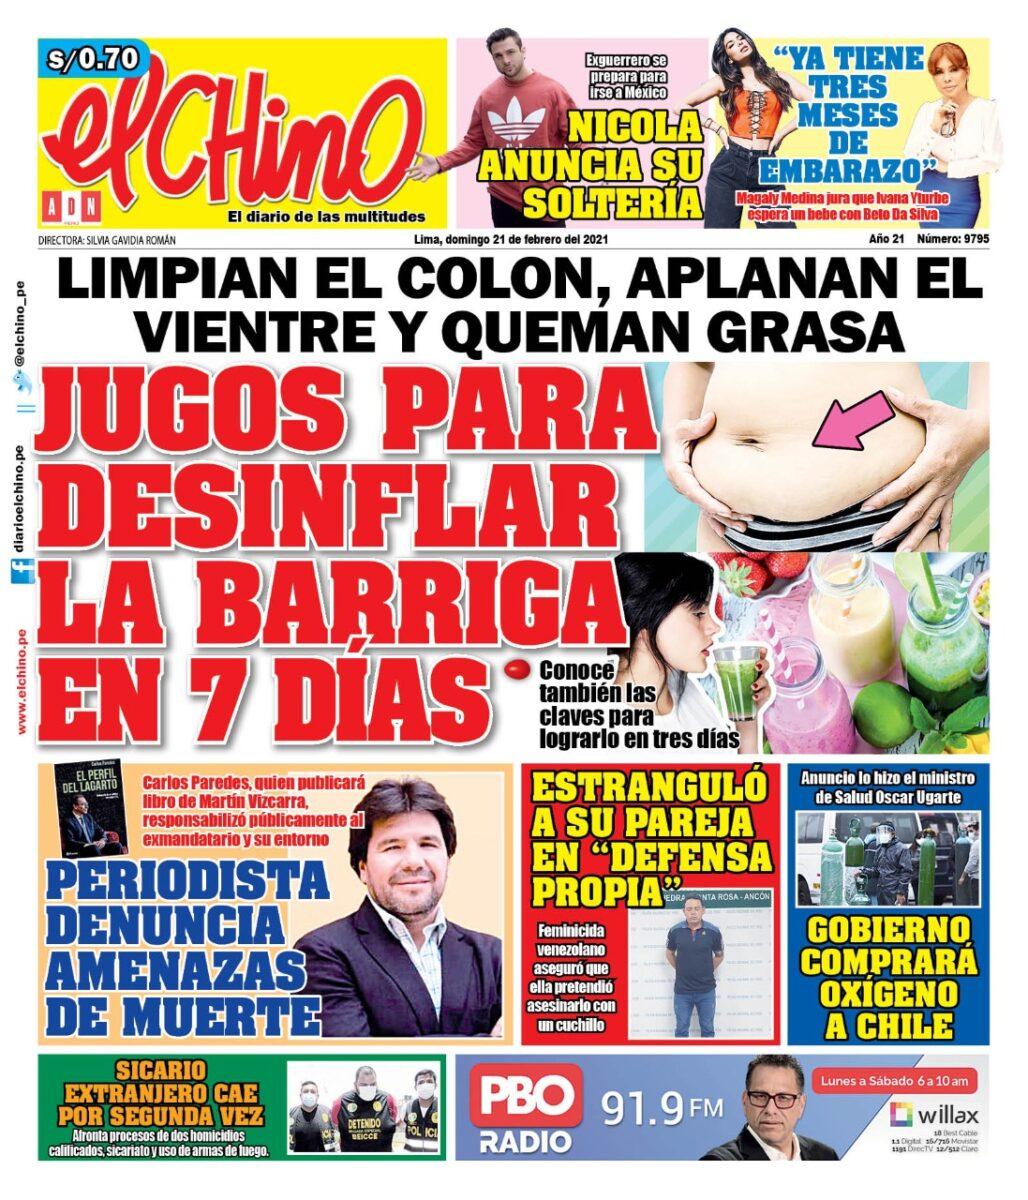 portada-impresa-diario-el-chino-21022021